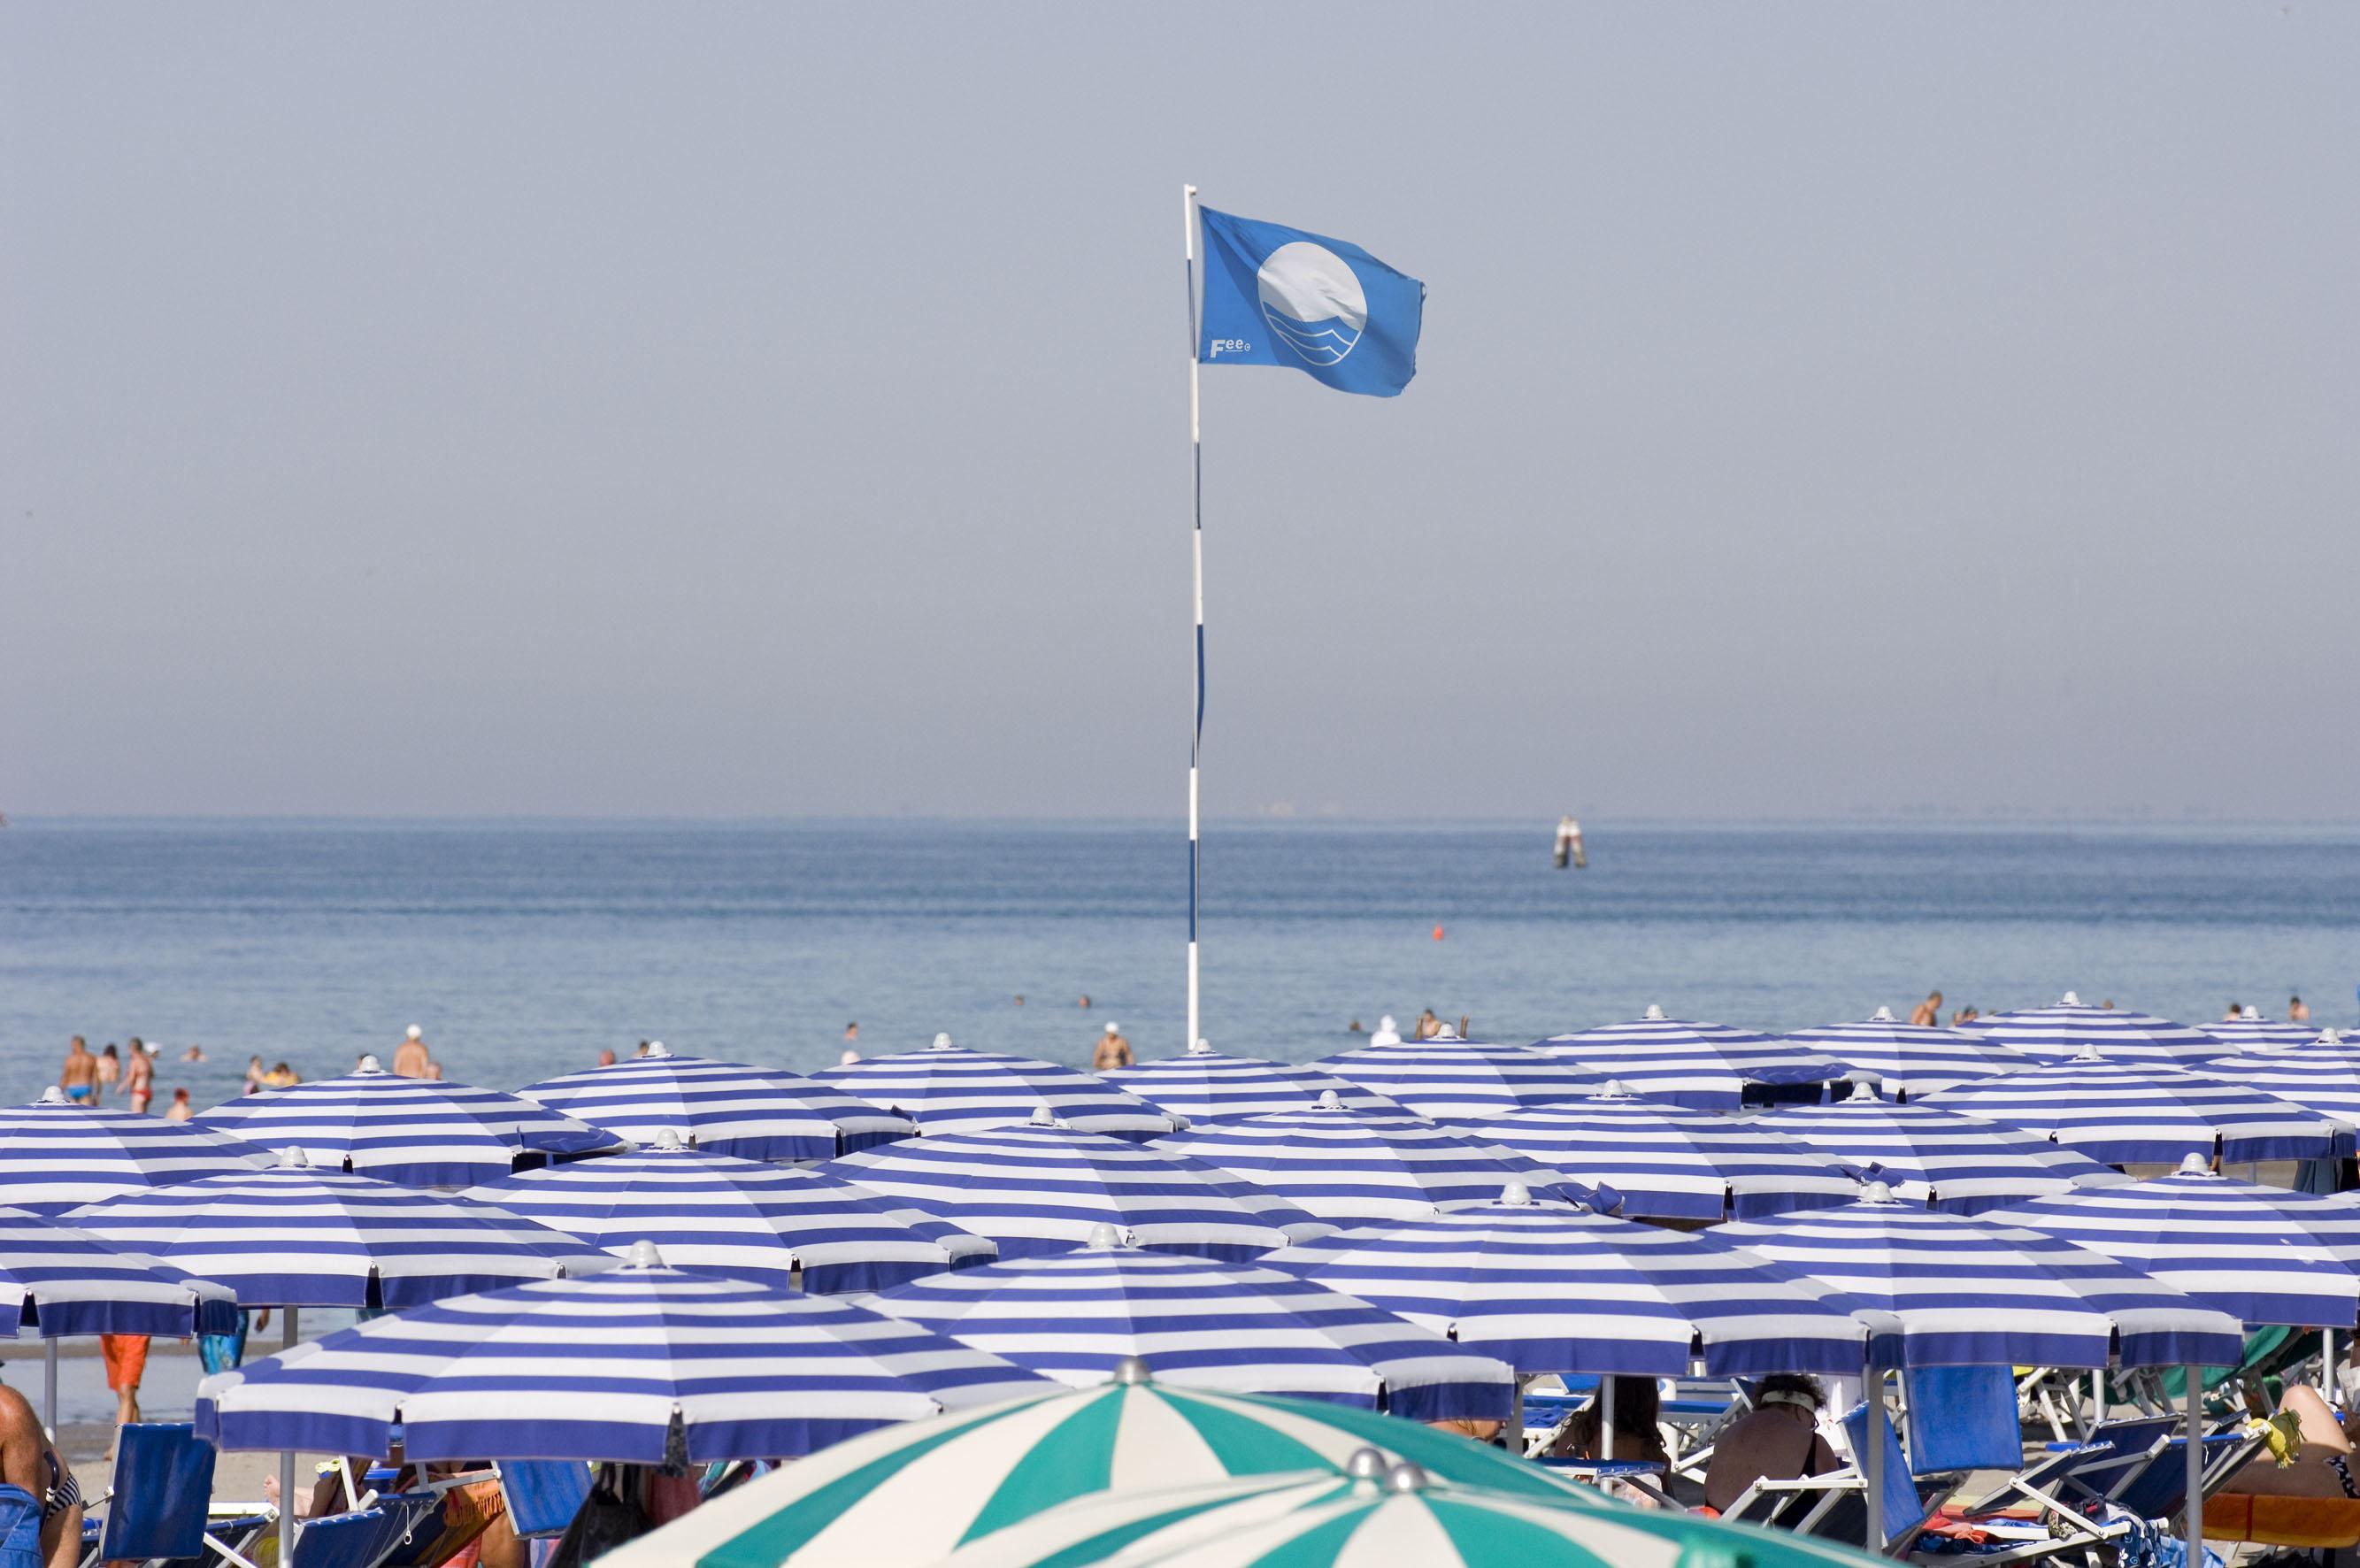 Bandiera blu Giulianova, delusione per la mancata assegnazione